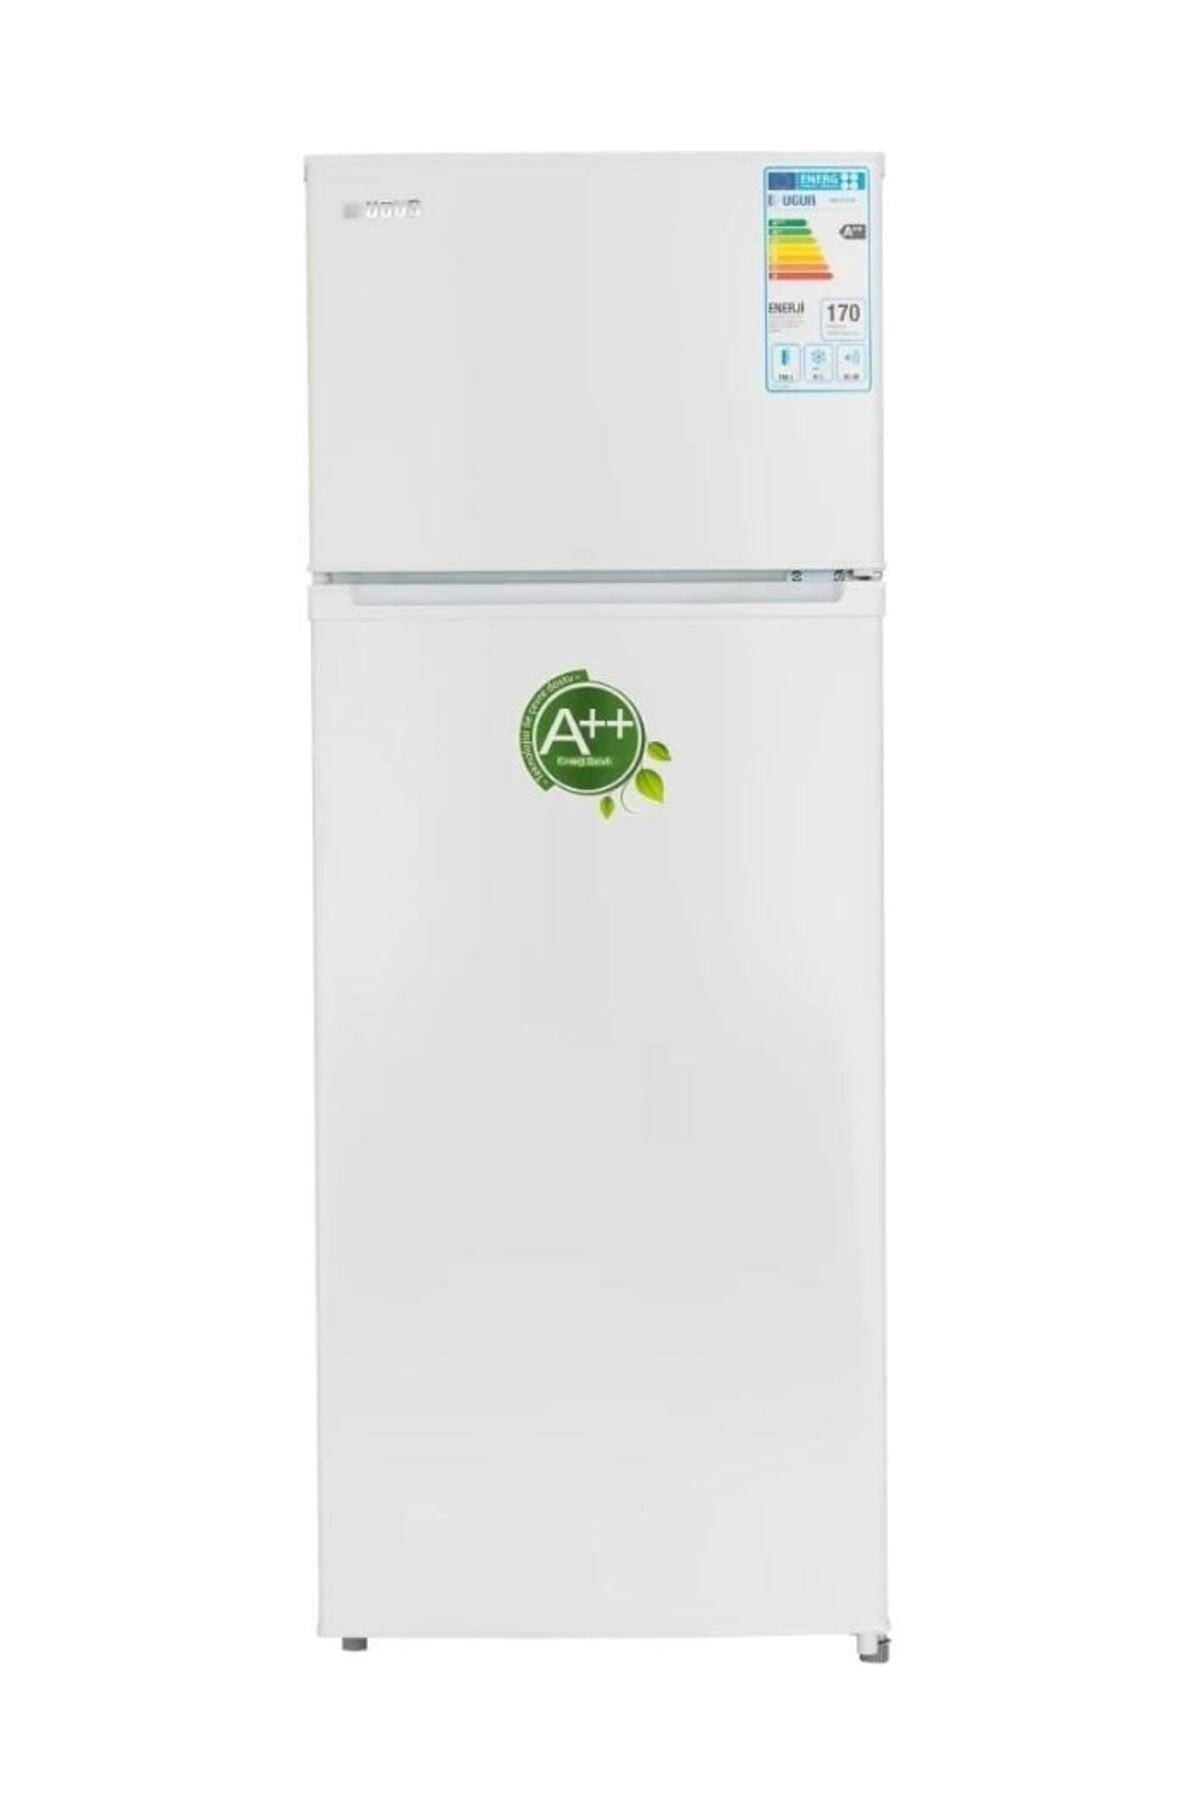 UES 273 D2K A++ Çift Kapılı Buzdolabı